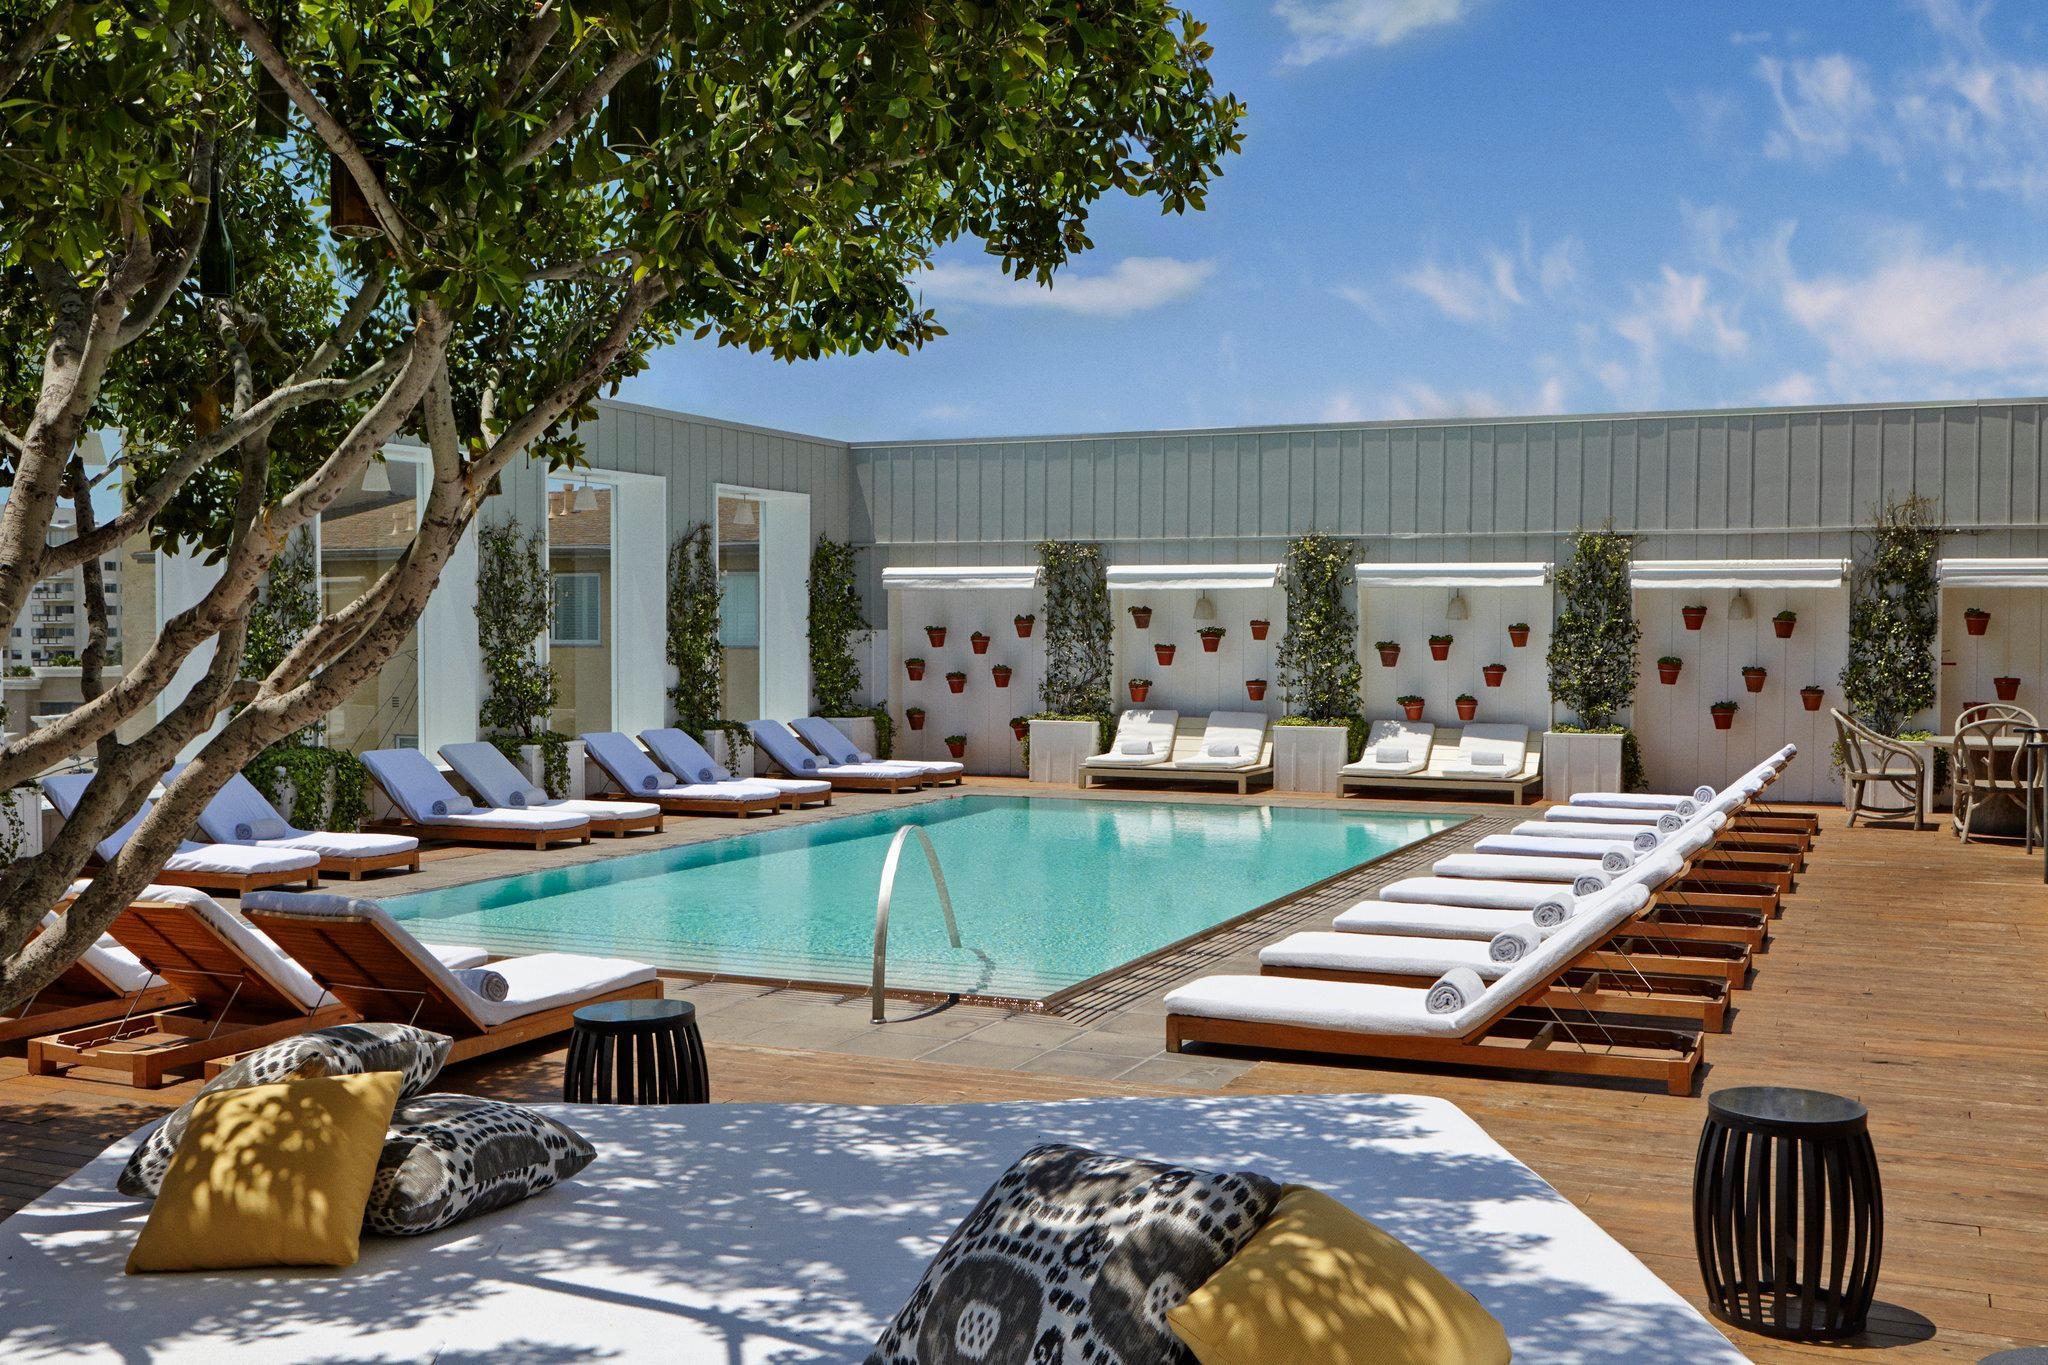 Mondrian Los Angeles Hotel image